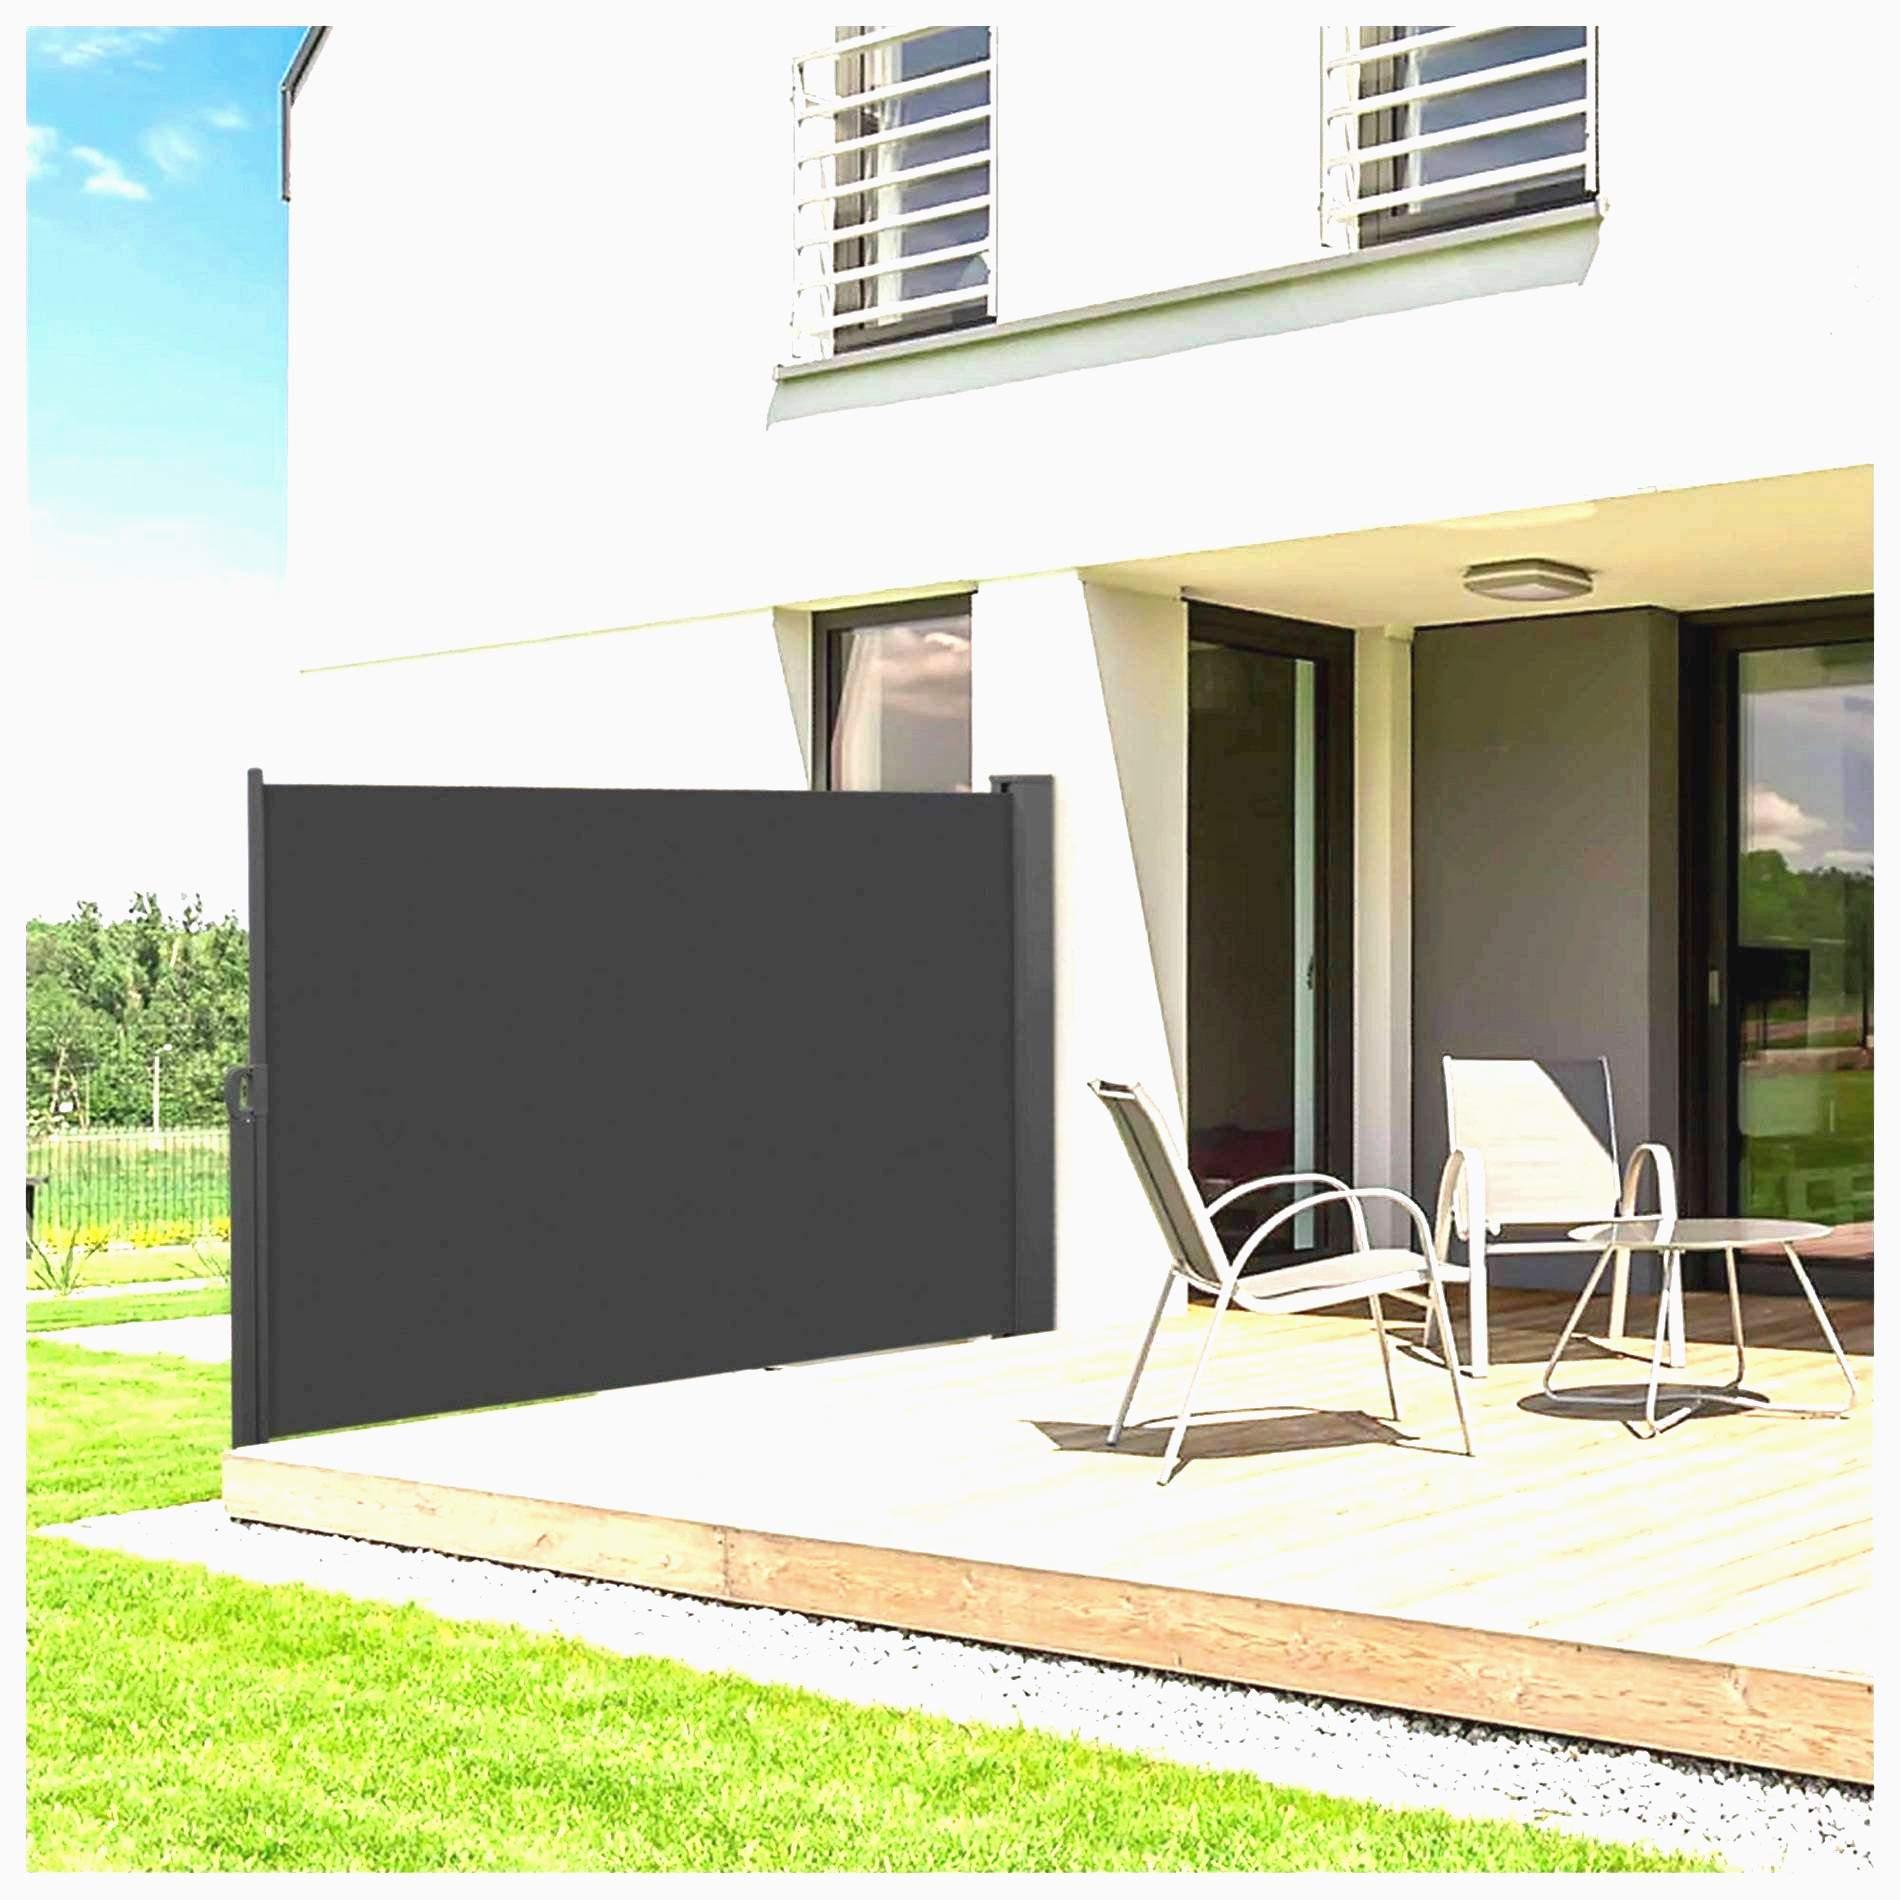 Terrasse Einrichten Frisch Pflanzen Wohnzimmer Neu Holz Auf Terrasse